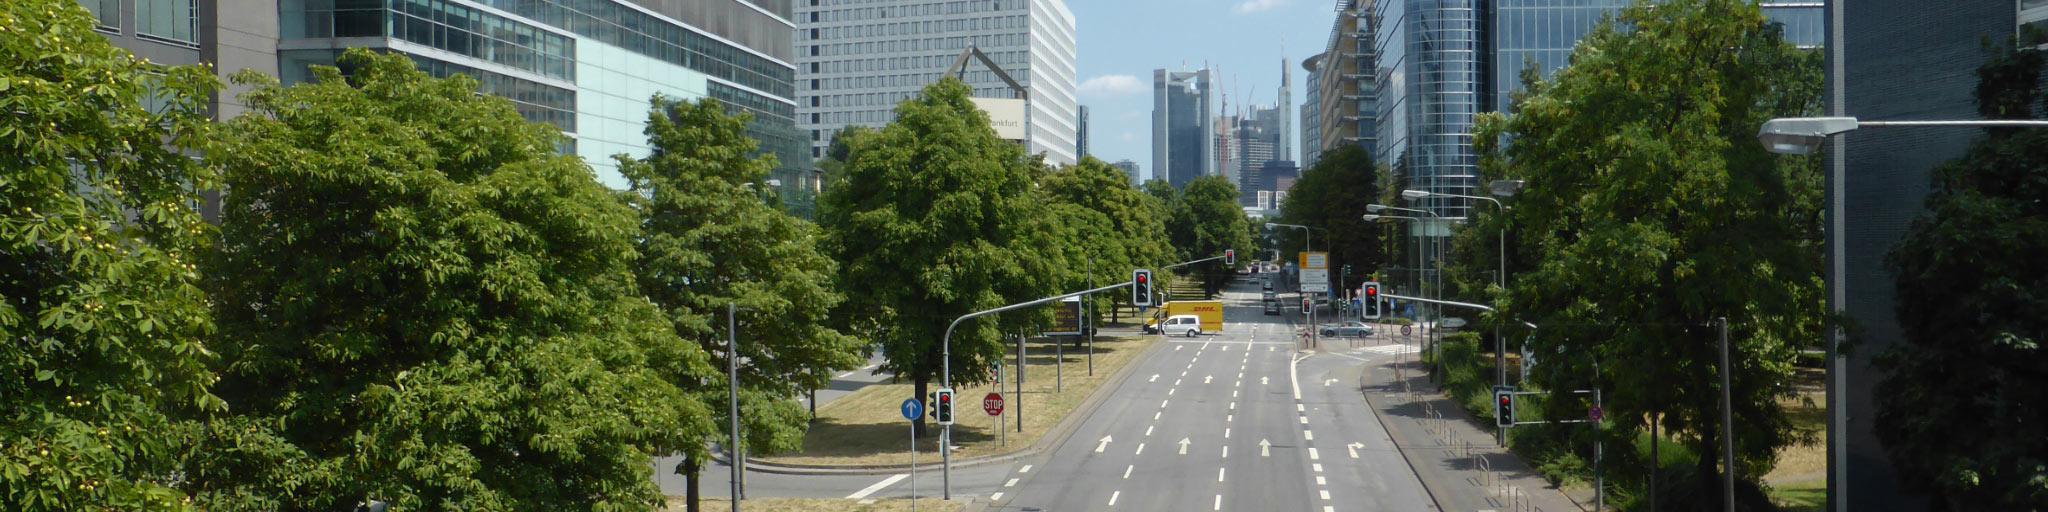 Theodor-Heuss-Allee in Frankfurt am Main - Ausfallstraße Frankfurt West - Hauptstraße FFM